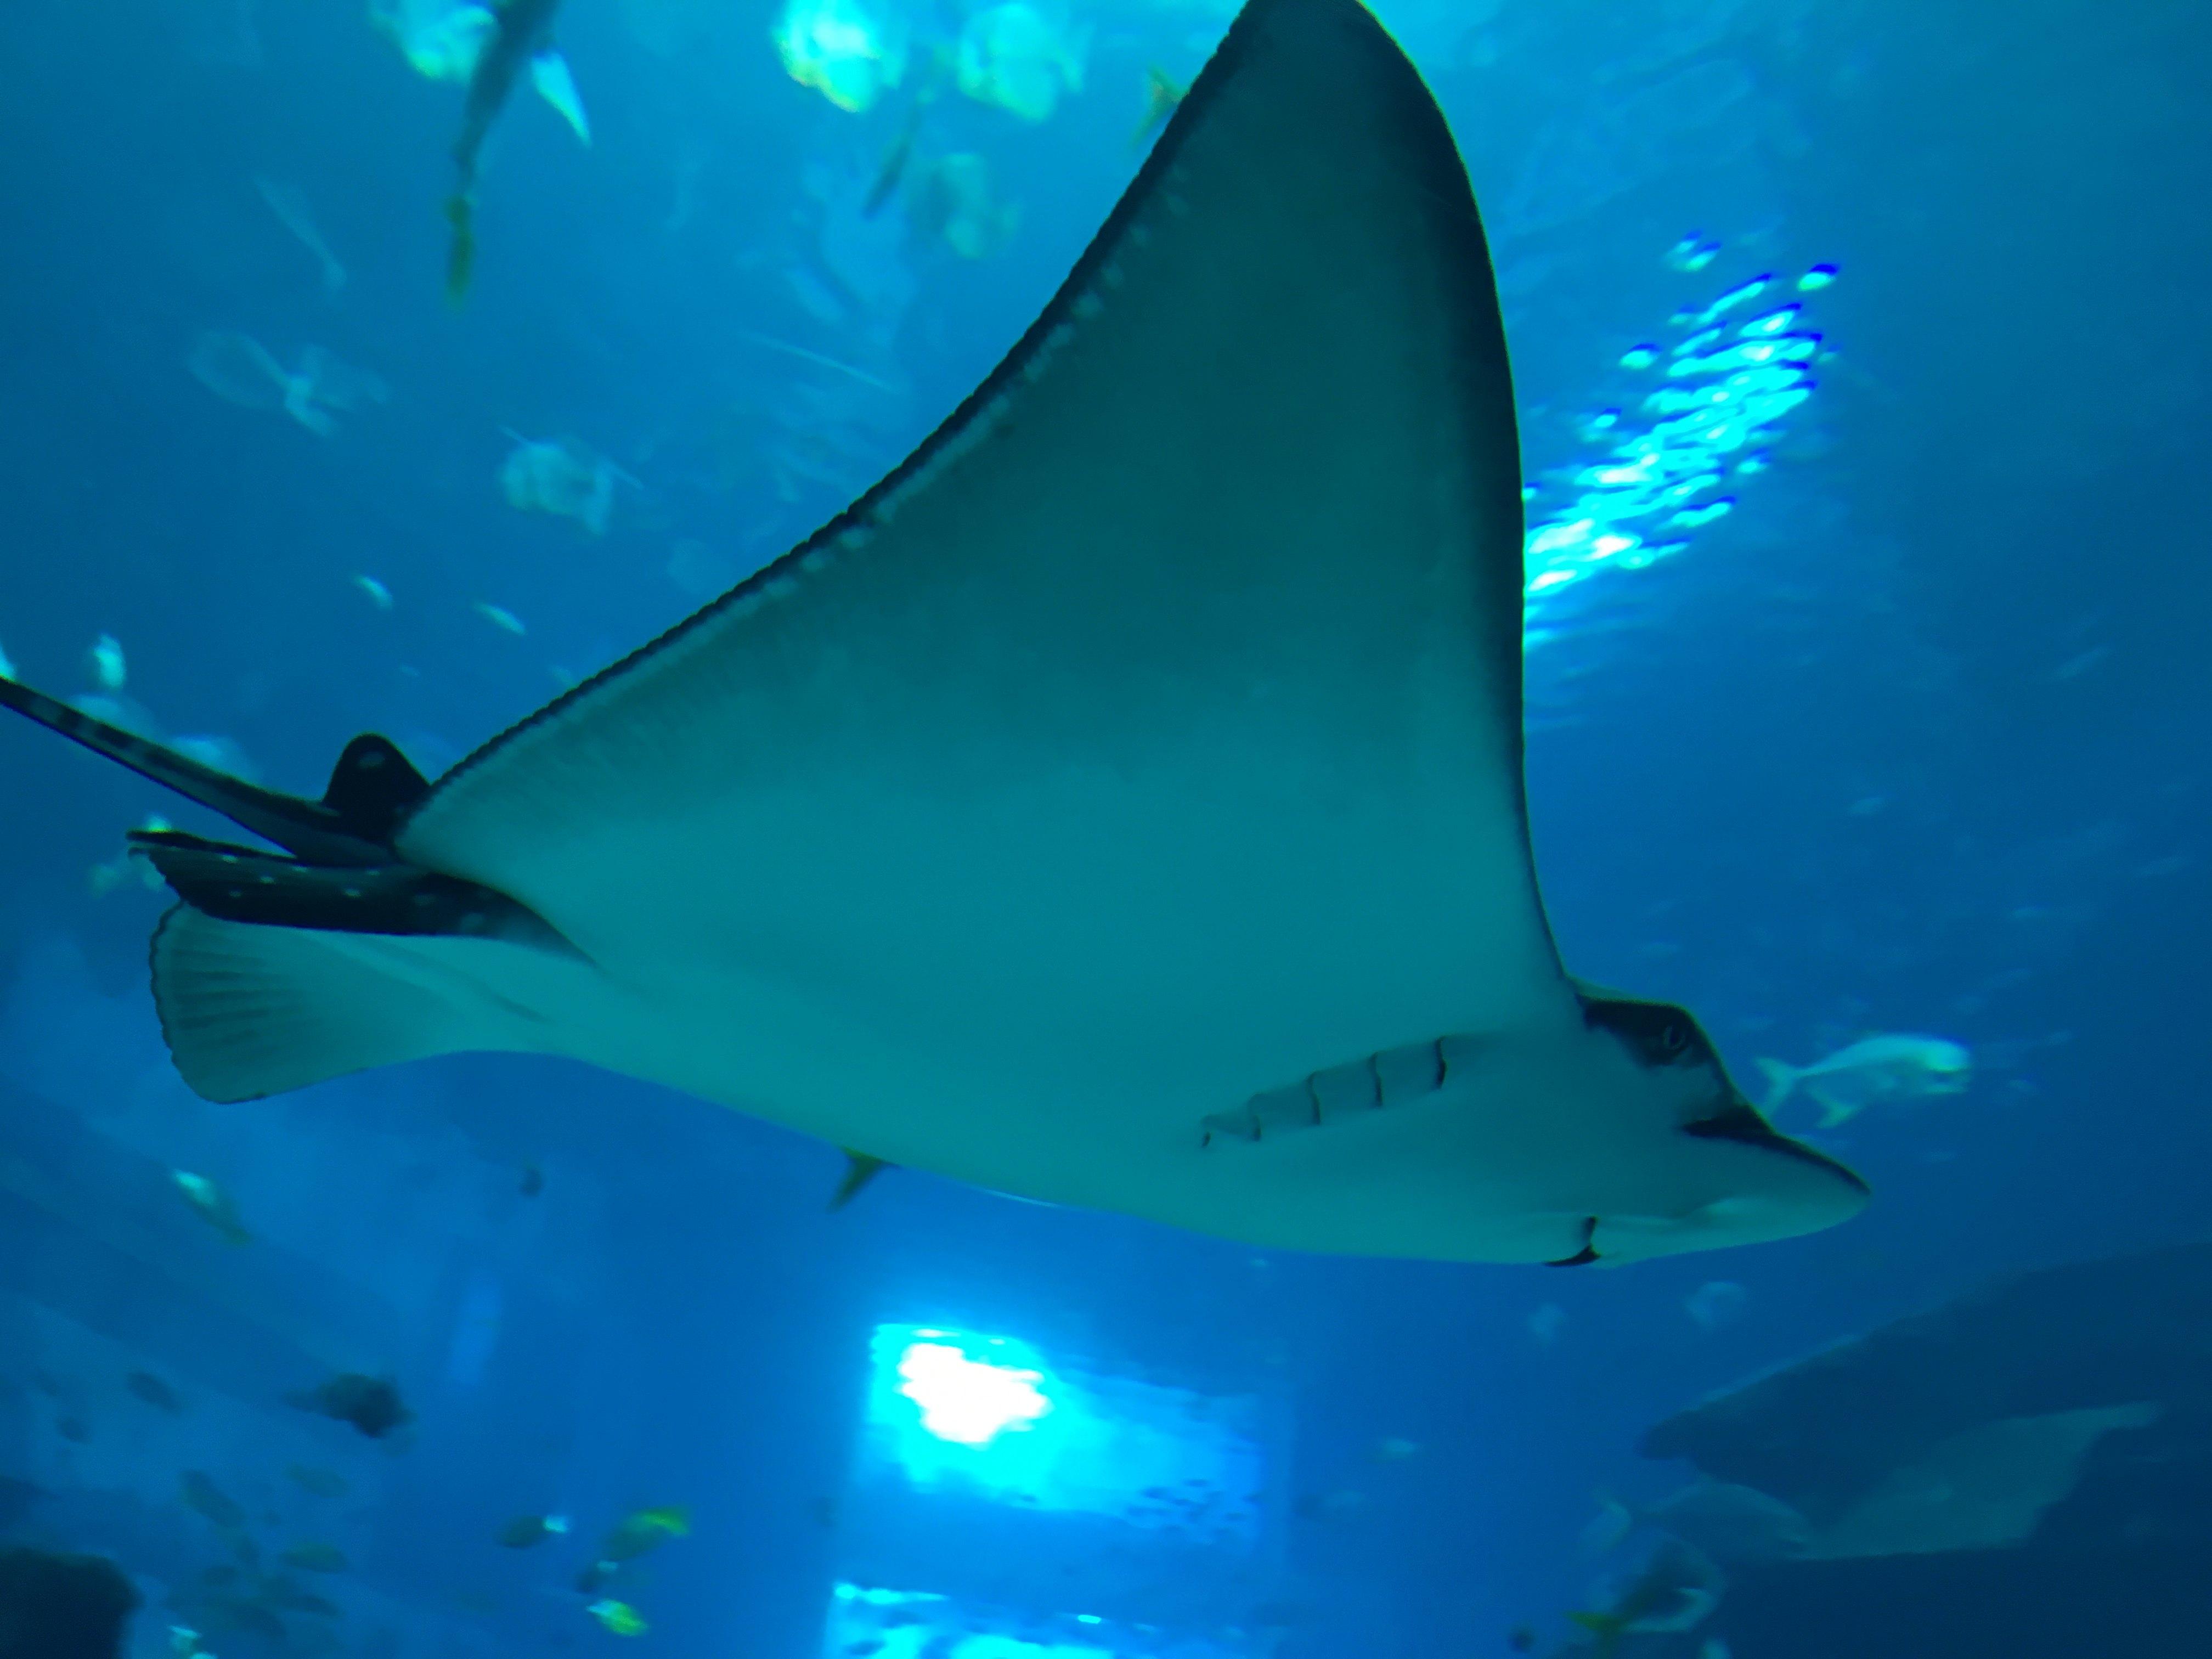 壁纸 动物 海底 海底世界 海洋馆 水族馆 鱼 鱼类 桌面 4032_3024